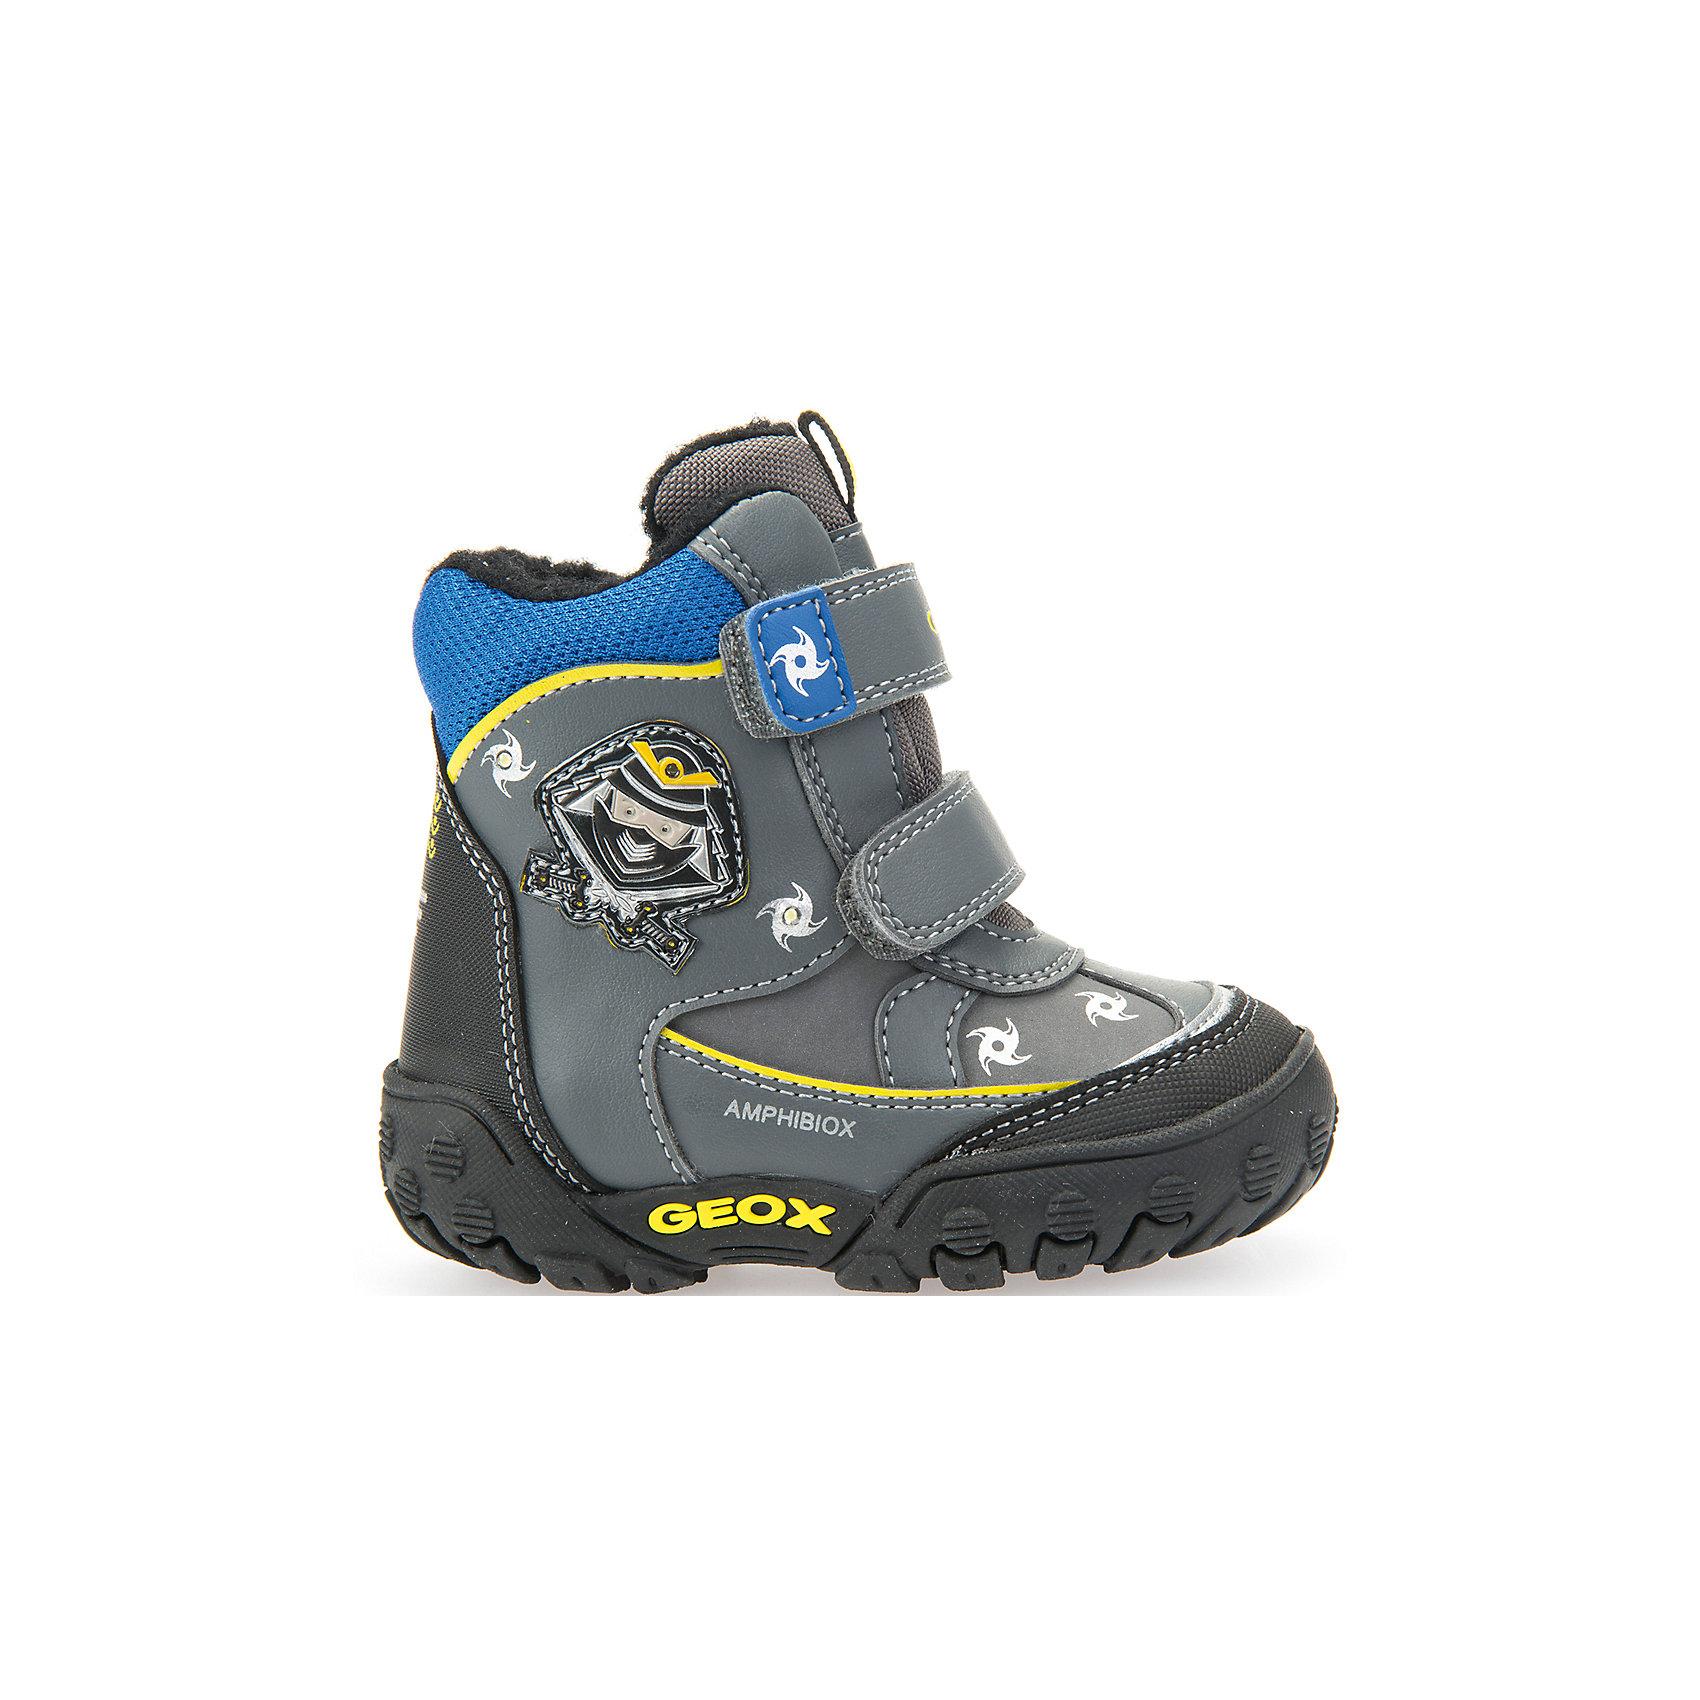 Ботинки со светодиодами для мальчика GEOXБотинки<br>Полусапоги GEOX (ГЕОКС)<br>Полусапоги от GEOX (ГЕОКС) идеально подходят для холодной погоды. Они выполнены из искусственной кожи, декорированы фактурным мультипликационным светящимся изображением. Плотная мягкая подкладка из искусственного меха согревает чувствительные детские ноги. Термоизоляционная «дышащая» стелька с алюминиевым слоем улучшает тепловое сопротивление в холодных условиях, повышая температуру внутри обуви. Влага не застаивается в обуви, благодаря чему создается идеальный микроклимат, который держит ноги теплыми и сухими, и позволяет им дышать естественно. Застежки-липучки облегчают снимание и надевание обуви и надежно фиксируют ее на ногах. Колодка соответствует анатомическим особенностям строения детской стопы. Качественная амортизация снижает нагрузку на суставы. Запатентованная гибкая перфорированная подошва со специальной микропористой мембраной обеспечивает естественное дыхание обуви, формирует оптимальный внутренний микроклимат, не пропускает воду, не скользит.<br><br>Дополнительная информация:<br><br>- Сезон: зима<br>- Цвет: серый<br>- Материал верха: искусственная кожа<br>- Внутренний материал: искусственный мех<br>- Материал стельки: текстиль<br>- Материал подошвы: резина<br>- Тип застежки: липучки<br>- Технология Amphibiox<br>- Материалы и продукция прошли специальную проверку T?V S?D, на отсутствие веществ, опасных для здоровья покупателей<br><br>Полусапоги GEOX (ГЕОКС) можно купить в нашем интернет-магазине.<br><br>Ширина мм: 257<br>Глубина мм: 180<br>Высота мм: 130<br>Вес г: 420<br>Цвет: серый<br>Возраст от месяцев: 21<br>Возраст до месяцев: 24<br>Пол: Мужской<br>Возраст: Детский<br>Размер: 24,27,23,25,26<br>SKU: 4968212